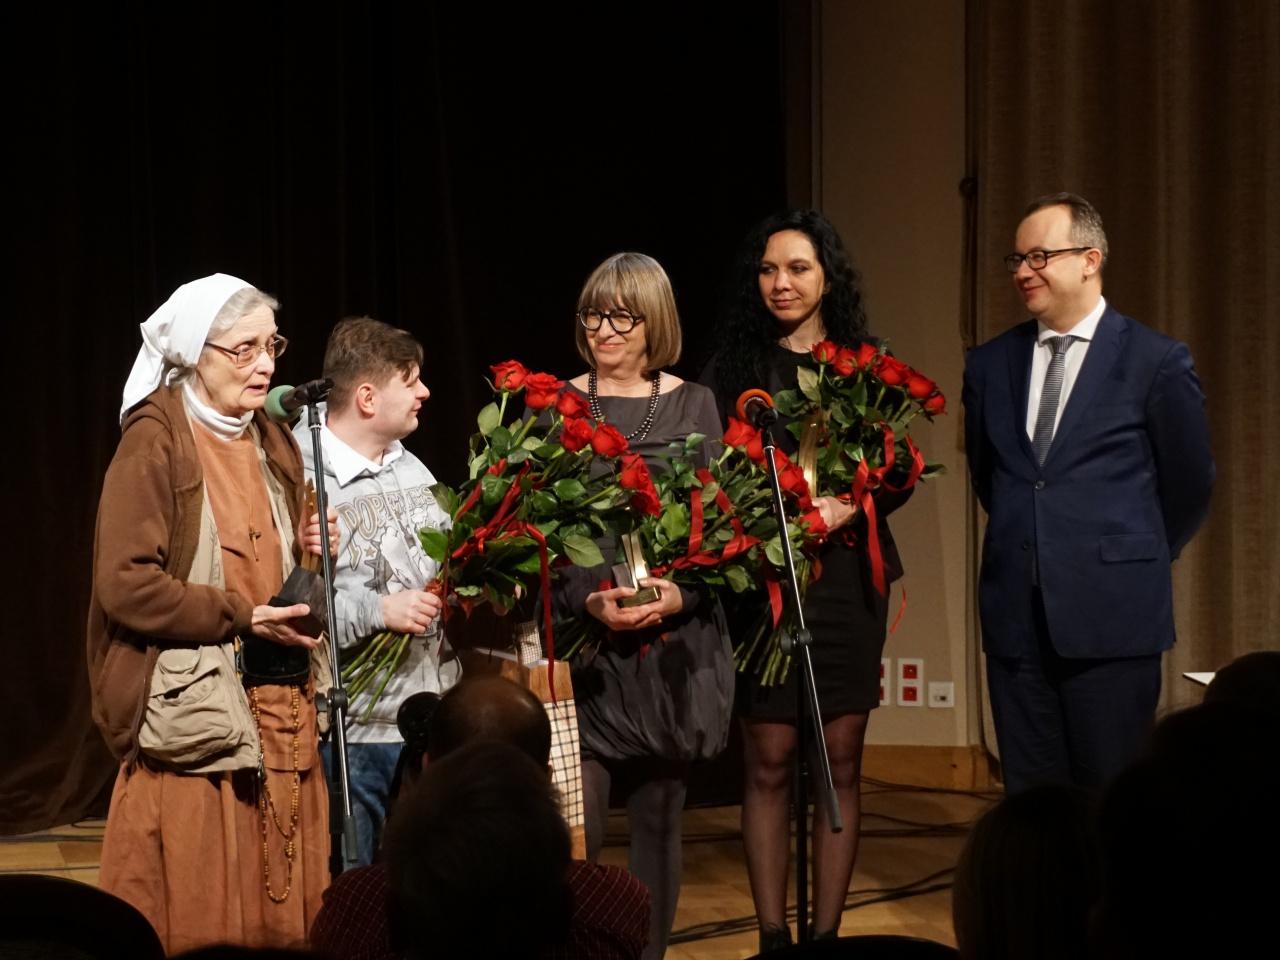 S. Małgorzata Chmielewska z przybranym synem, Ewa Kulik-Bielińska, Katarzyna Przybysławska oraz Adam Bodnar podczas wręczenia nagrody Rzecznika Praw Obywatelskich